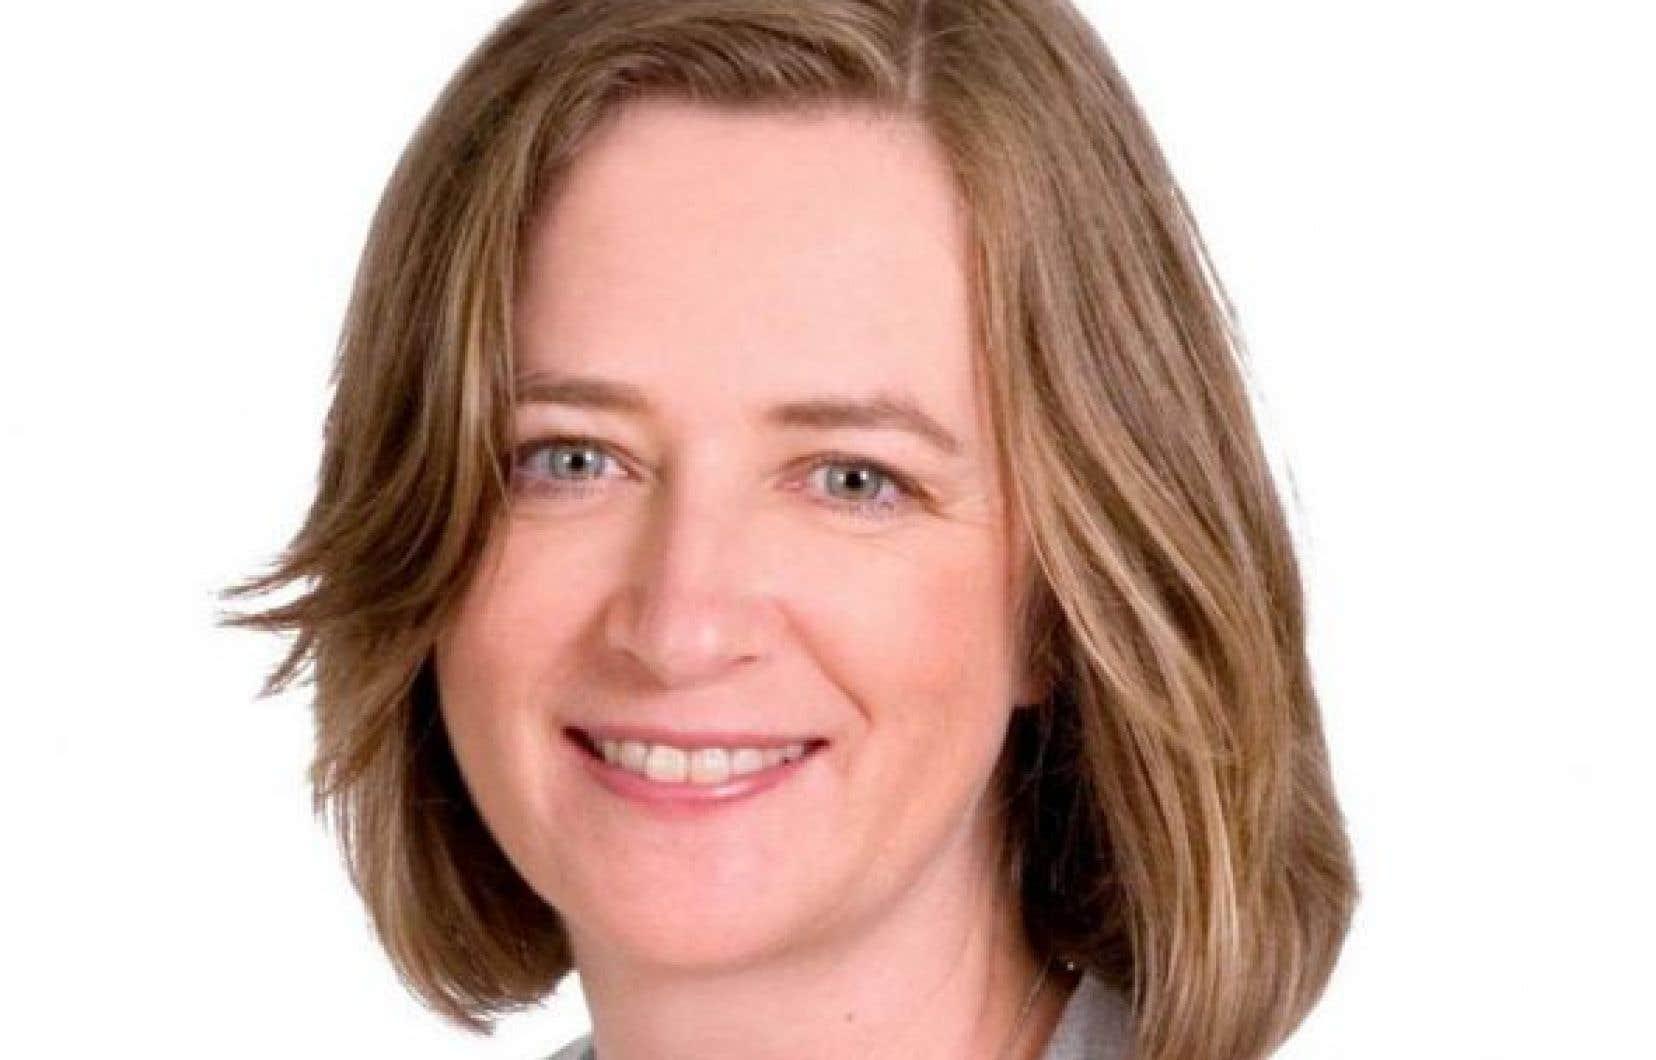 Élue sous la bannière de Projet Montréal à l'occasion d'une élection partielle en avril 2012, Érika Duchesne avait quitté les rangs du parti d'opposition en septembre dernier.